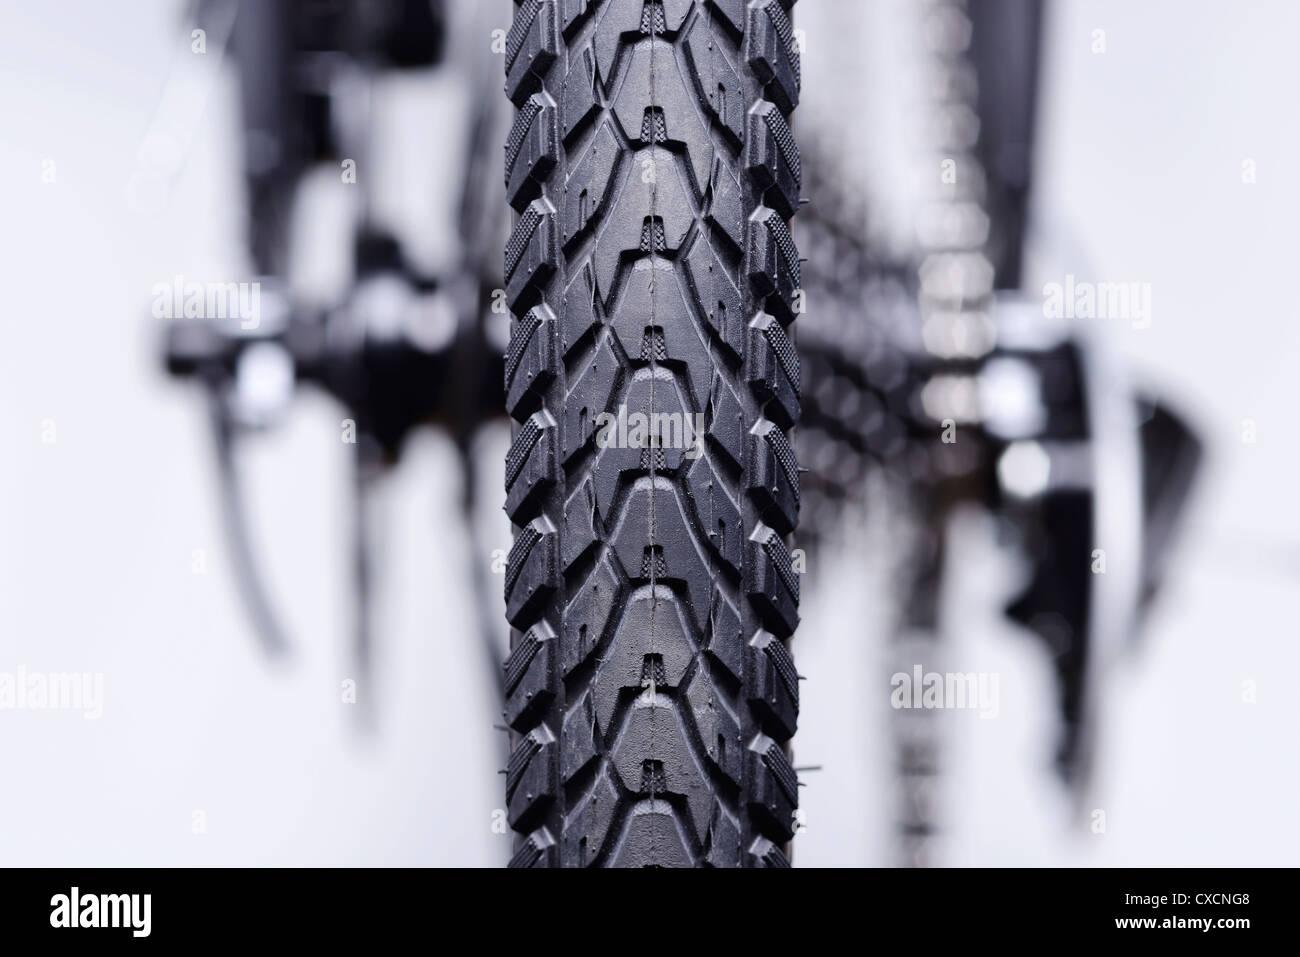 Résumé détail de l'engrenage de roue arrière et freins d'une bicyclette Photo Stock